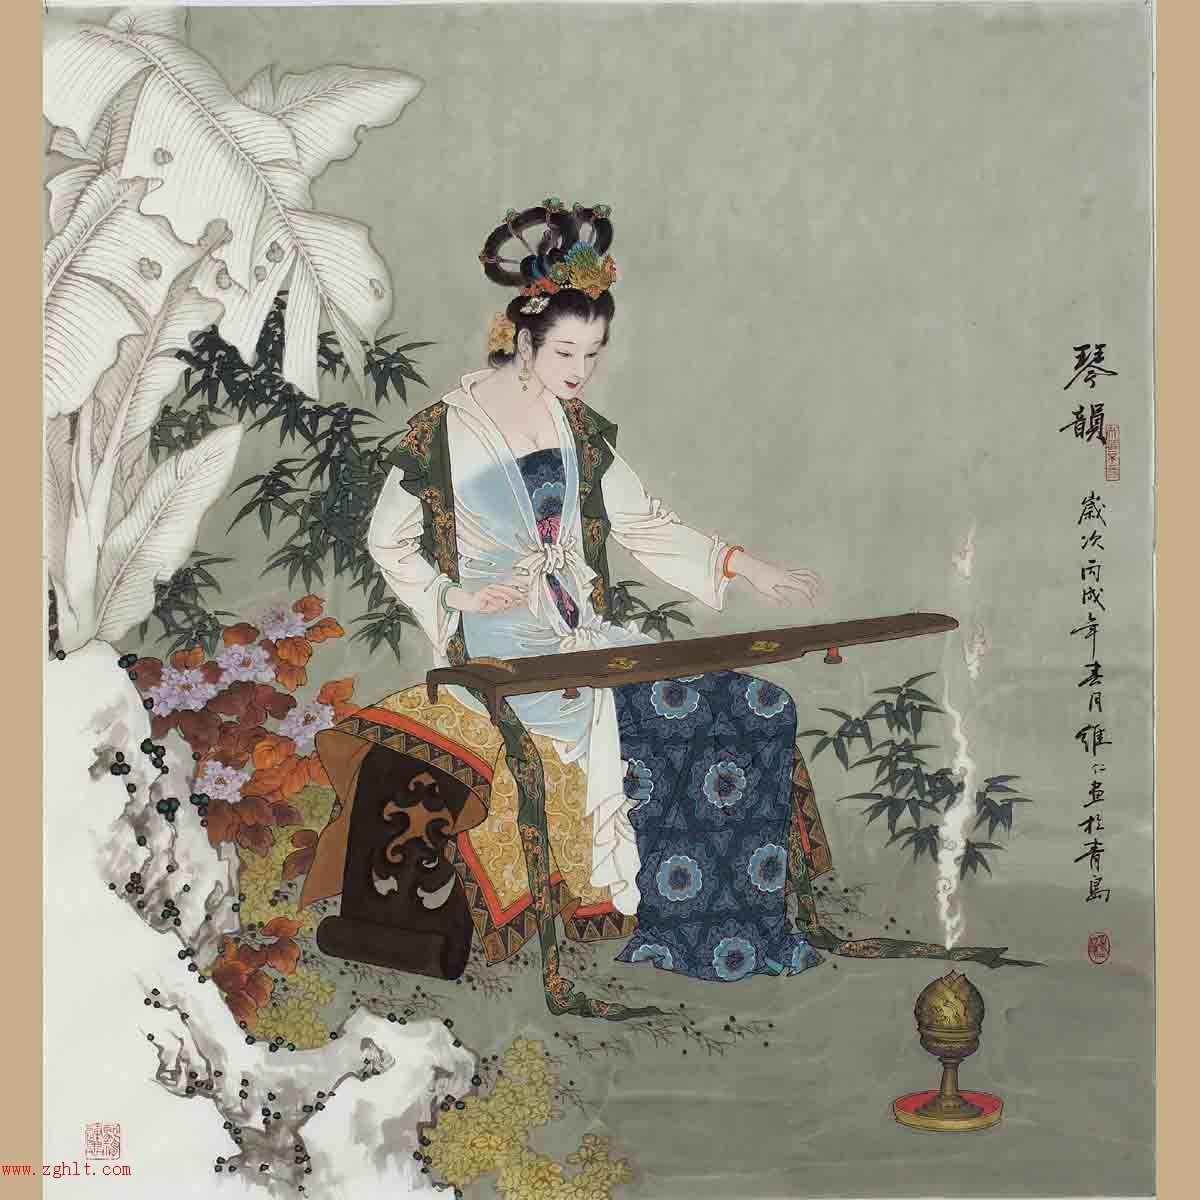 拼音 qín jiàn piāo líng 折叠 编辑本段 解释 琴剑 : 琴和剑图片